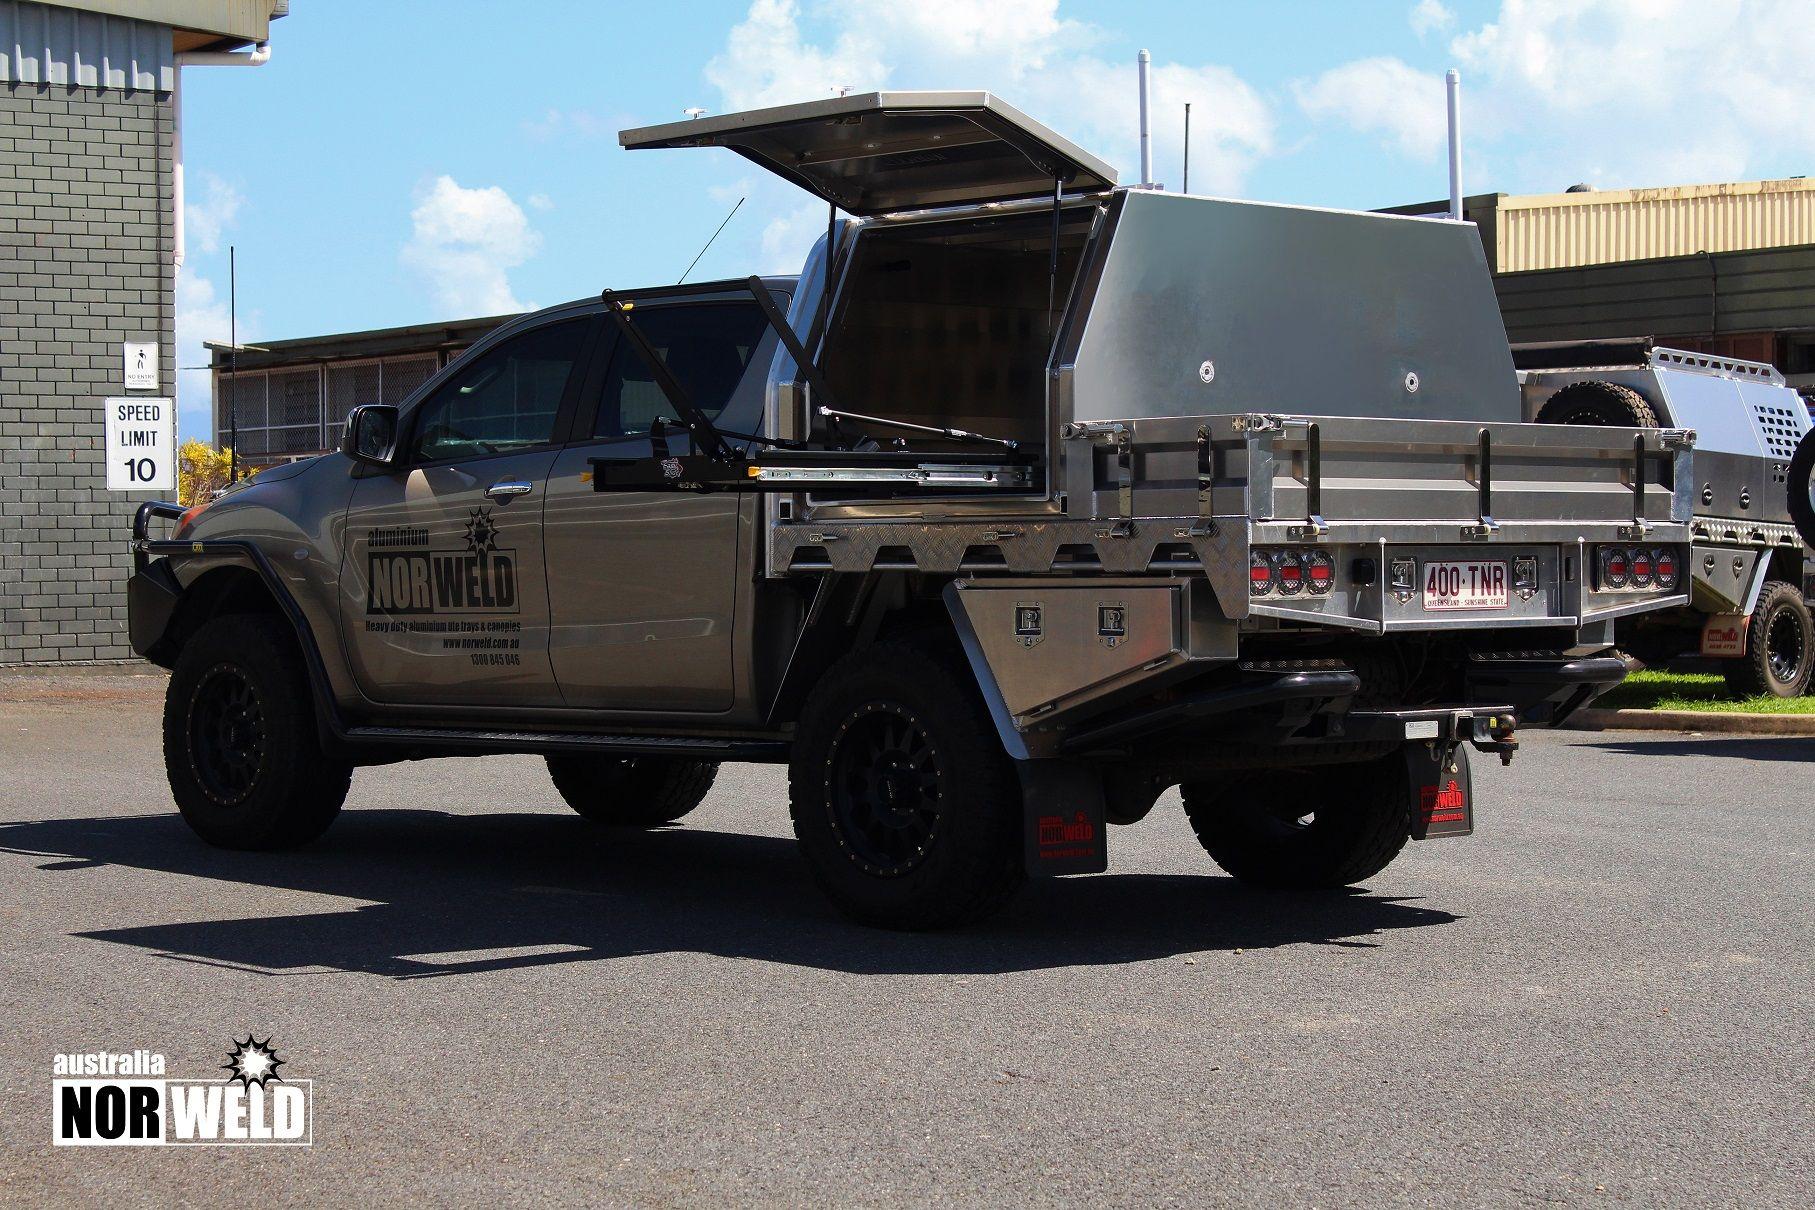 Half Canopy Pack 3 1150mm (1) Norweld Aluminium Ute